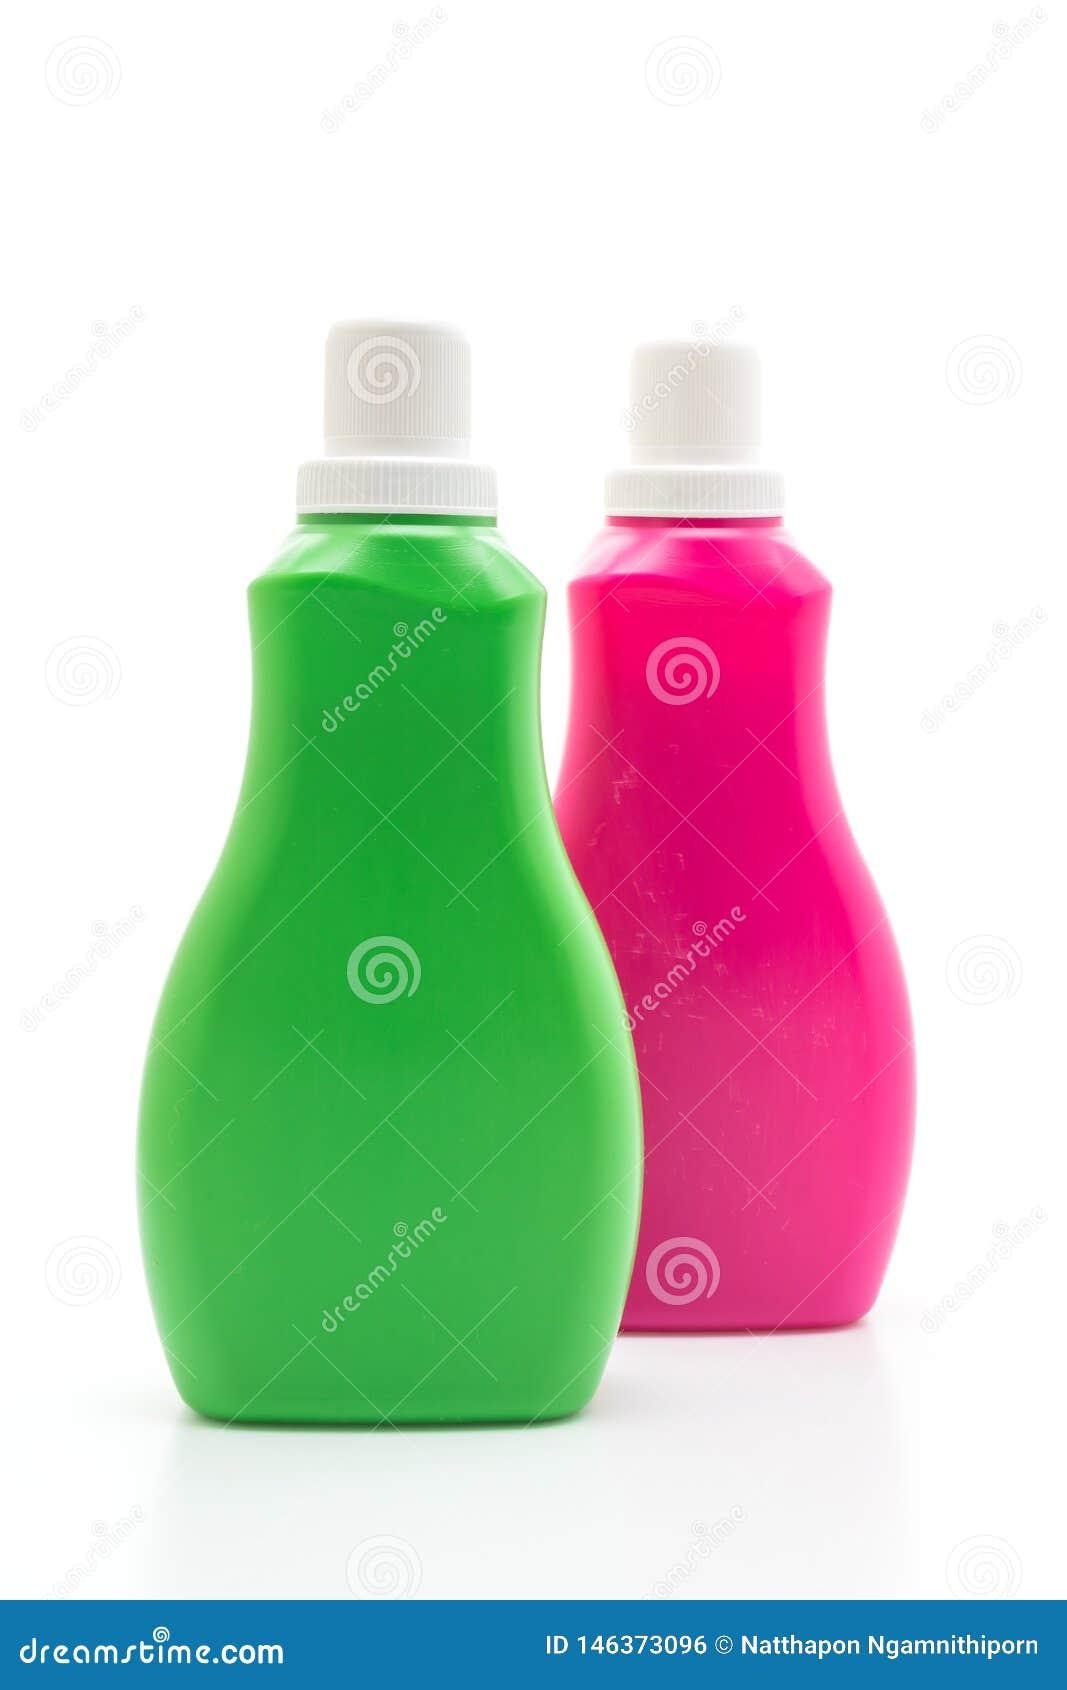 Rosa y botella pl?stica verde para la limpieza l?quida del detergente o del piso en el fondo blanco